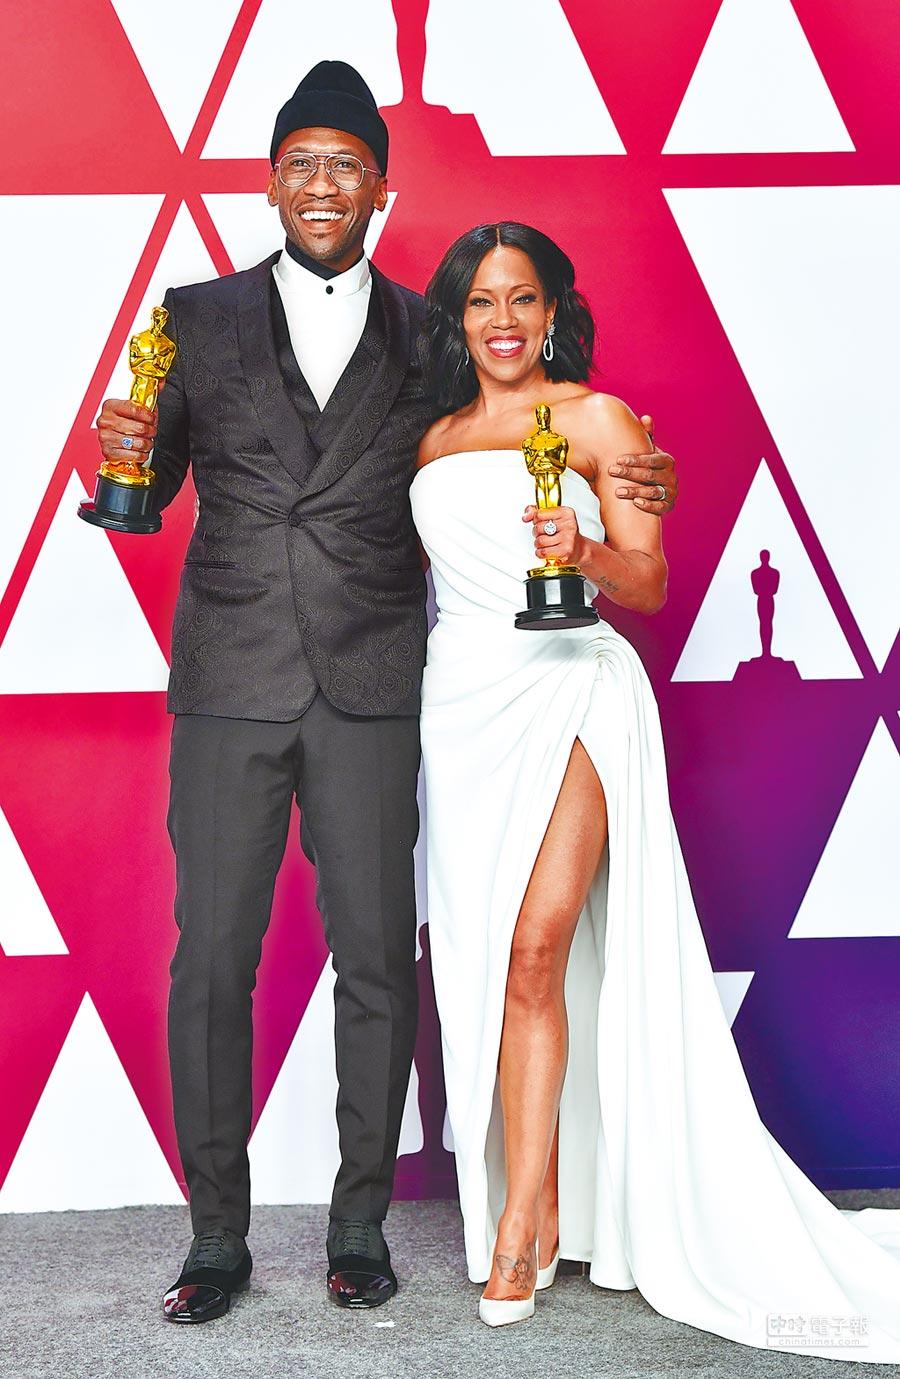 男女配角馬赫夏拉阿里(左)與蕾吉娜金恩,正好都是非裔演員。(法新社)